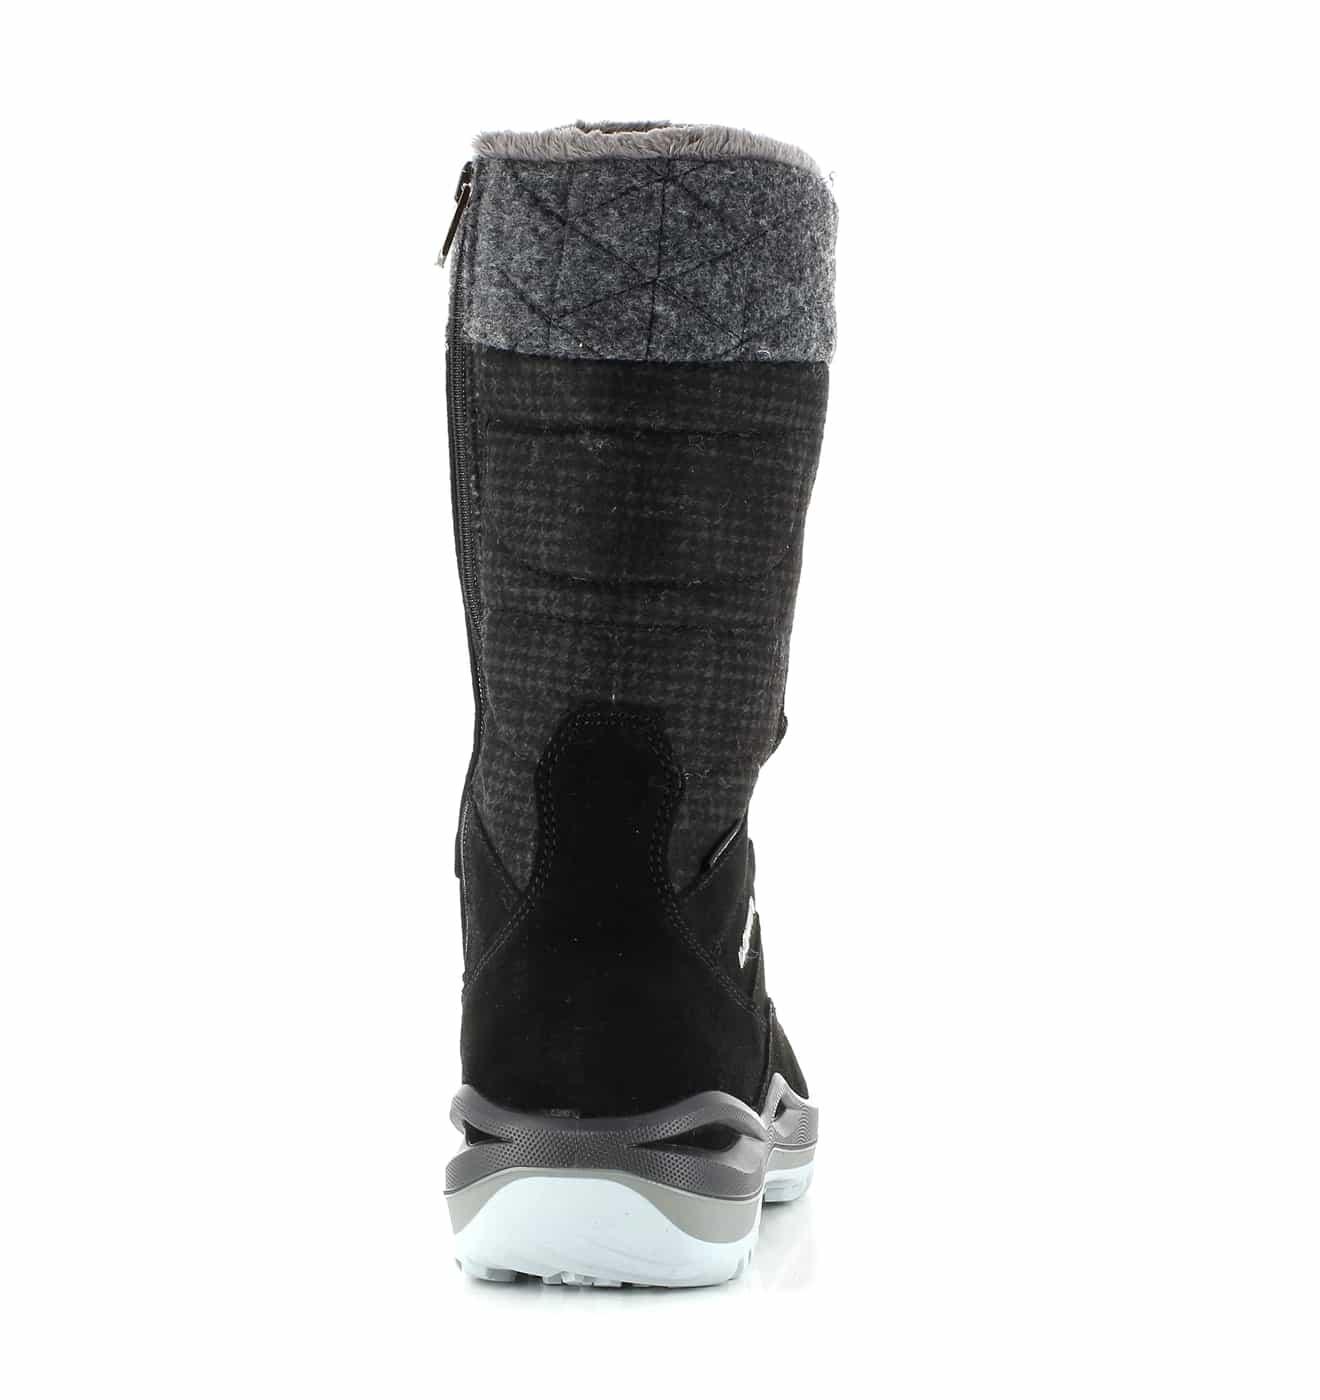 Lowa Alba 3 GTX Ws schwarz/grau Winterstiefel 6